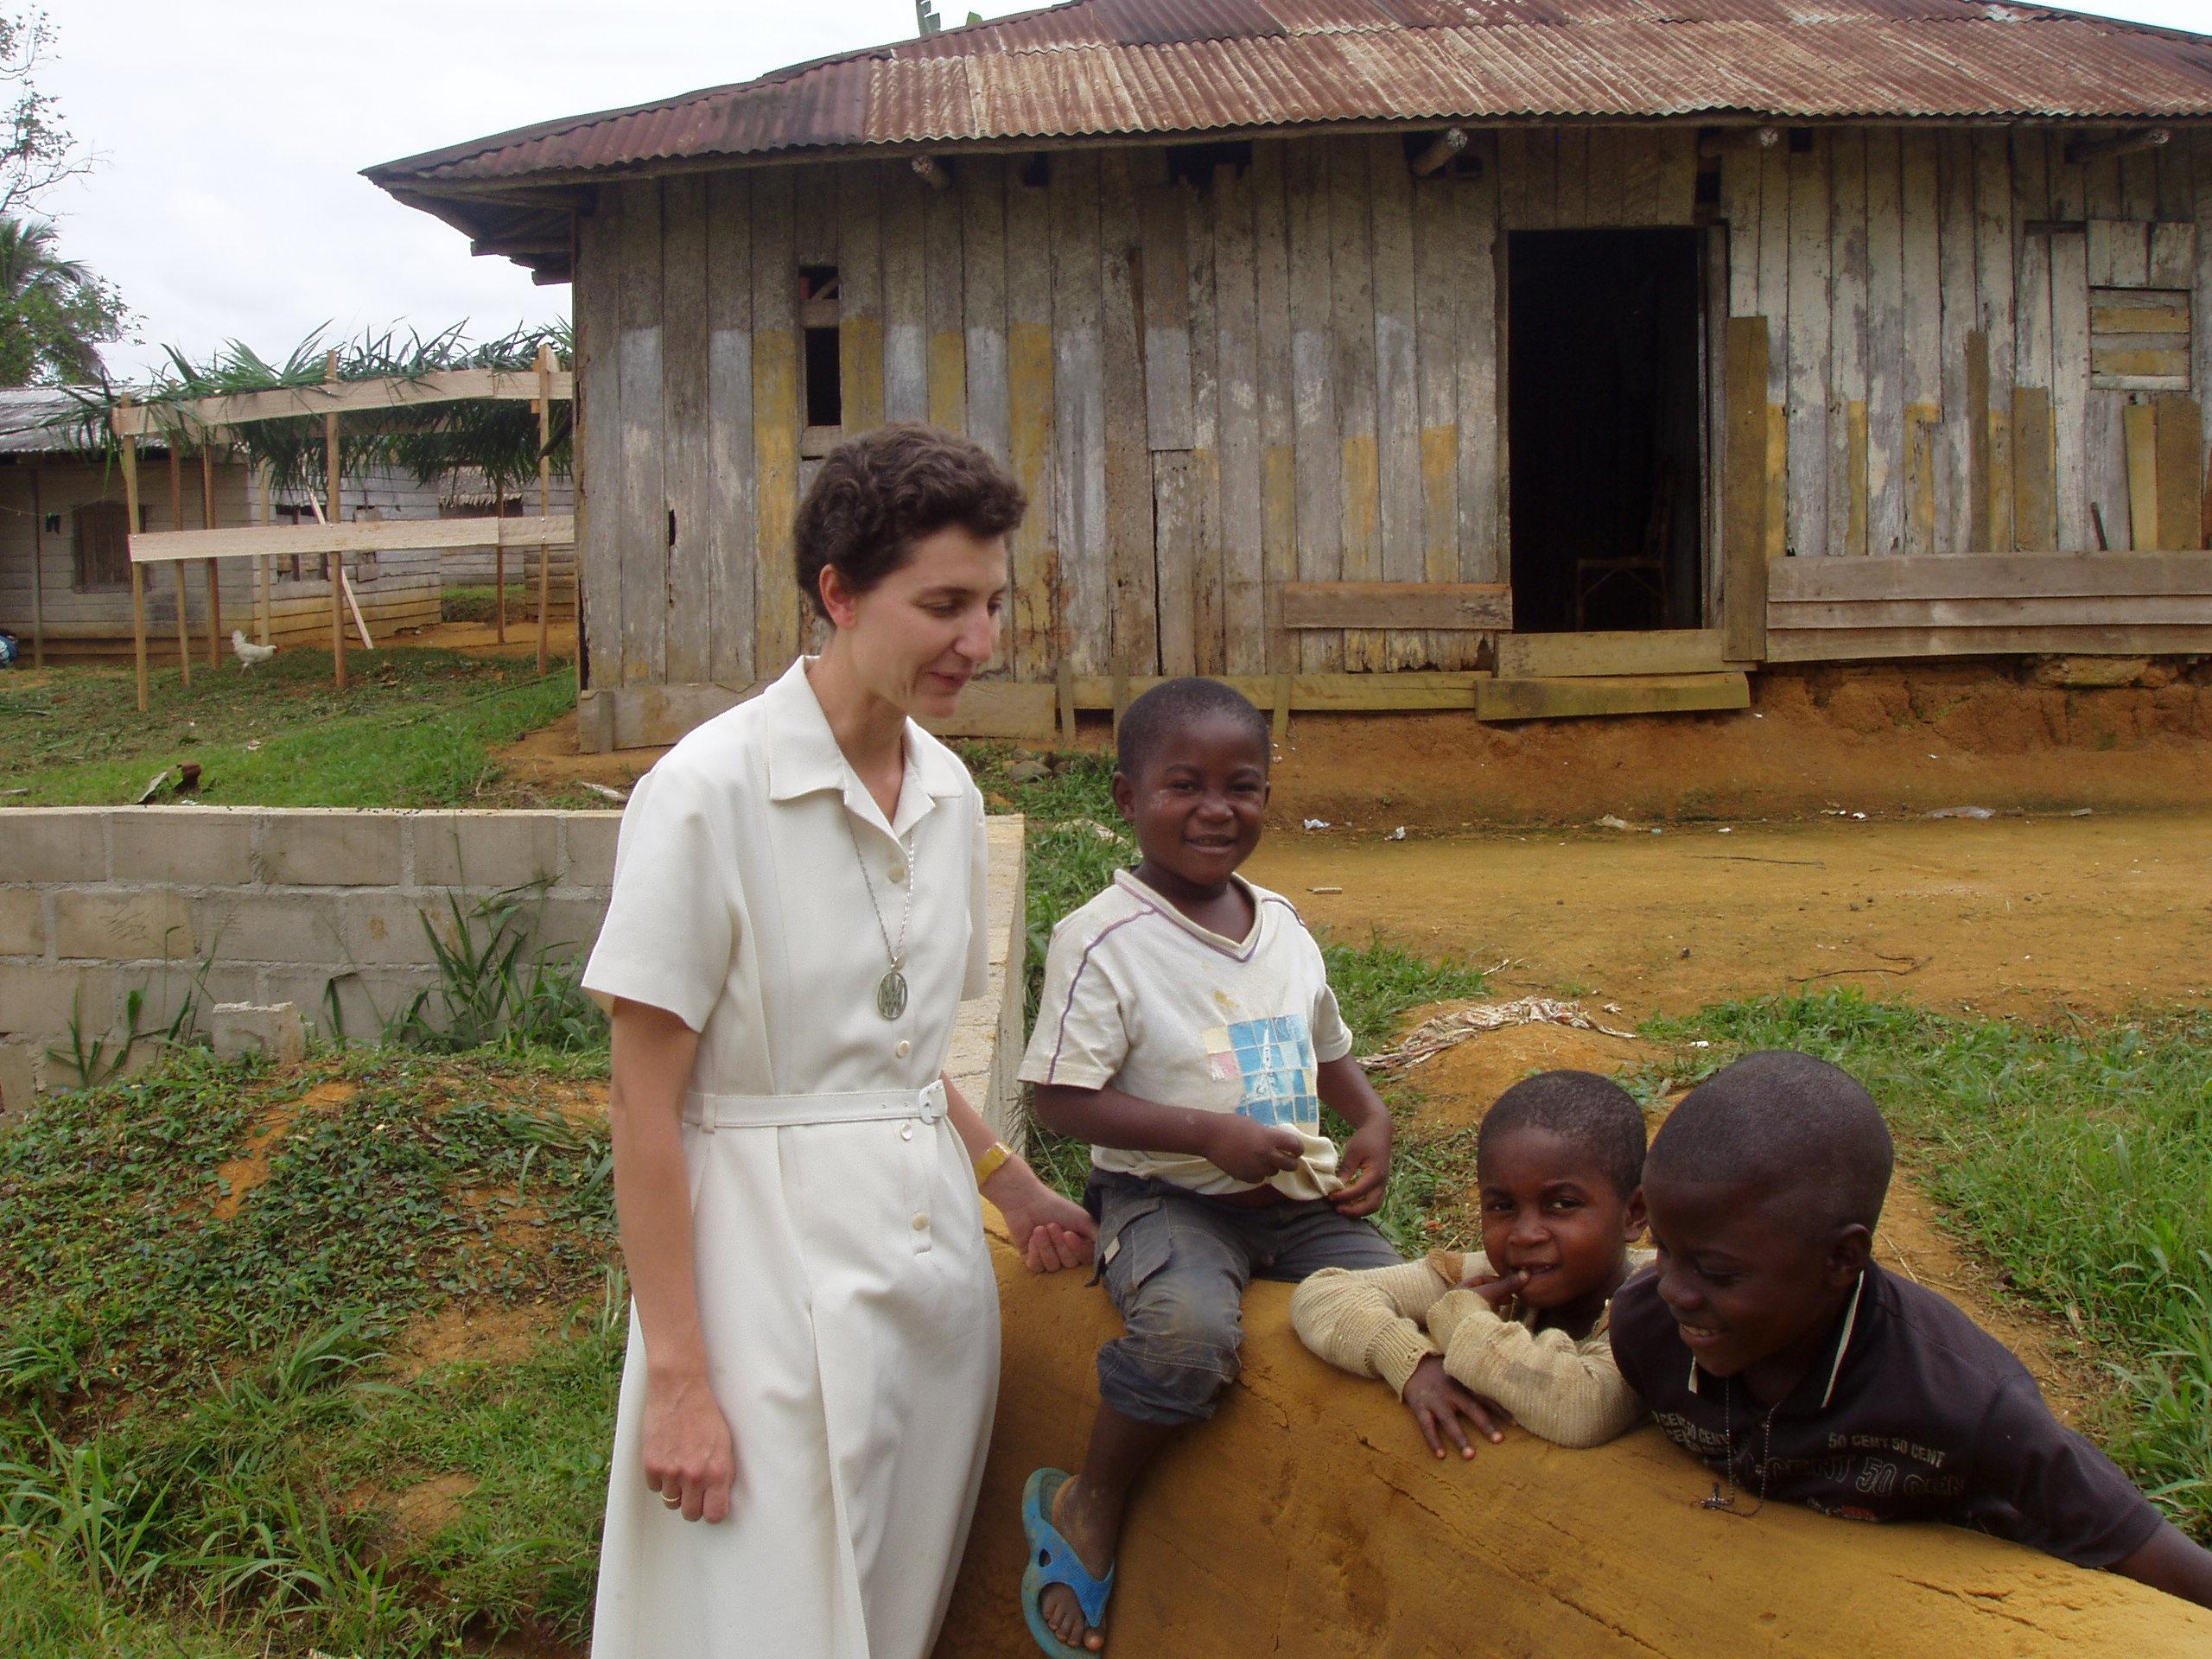 M. María con niños de la escuela